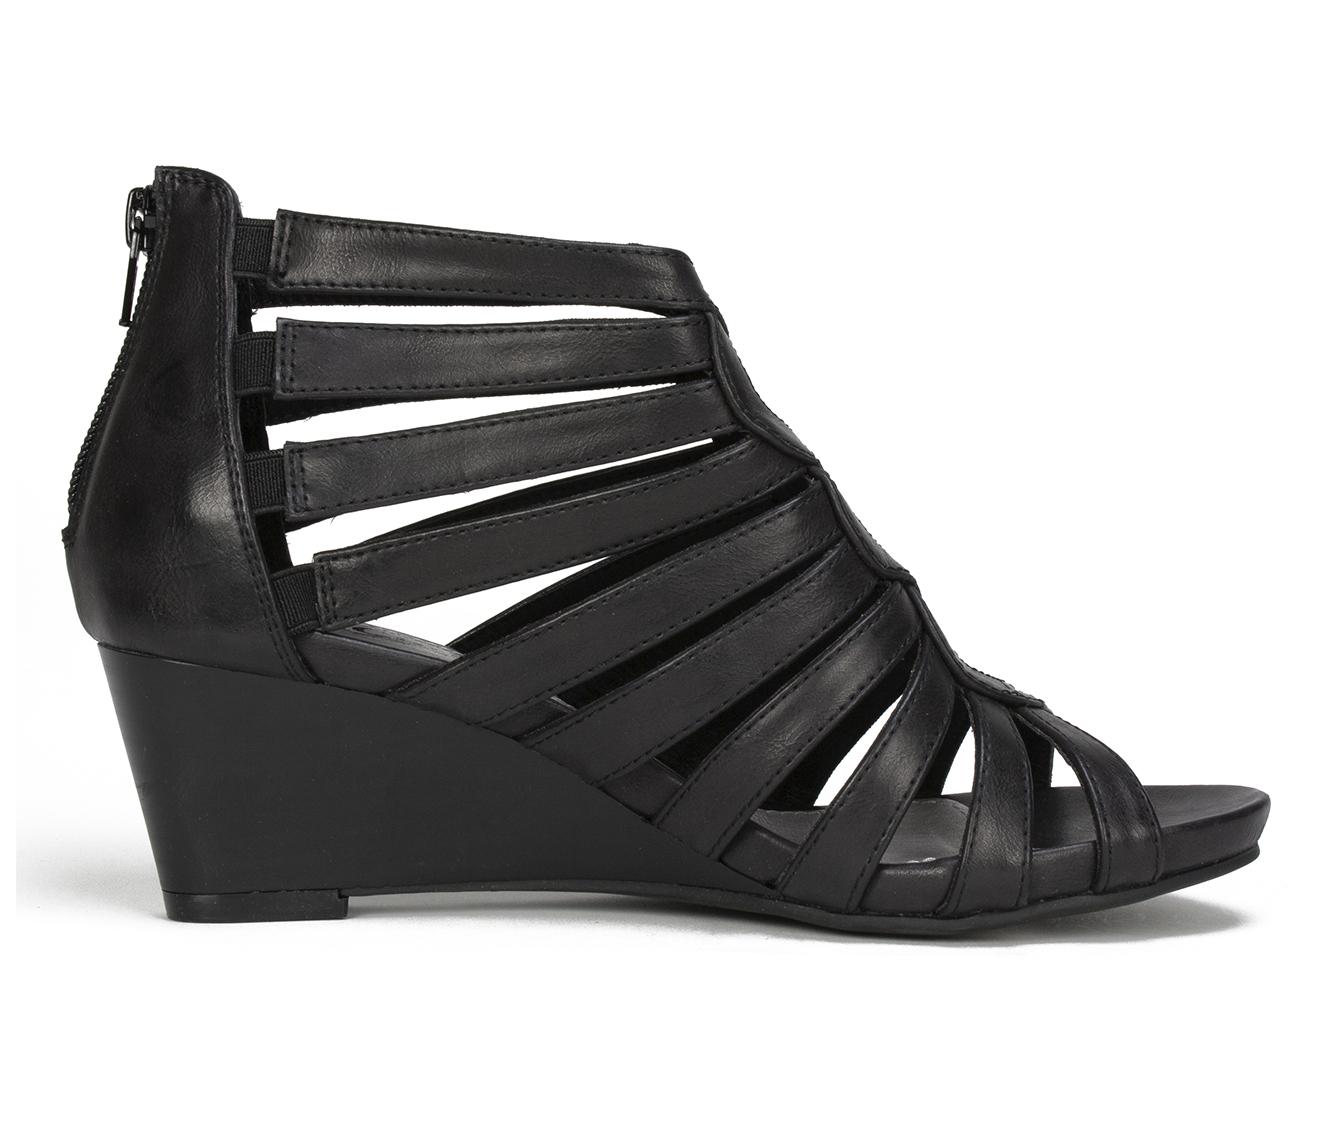 Cliffs Victoria Women's Sandal (Black Faux Leather)